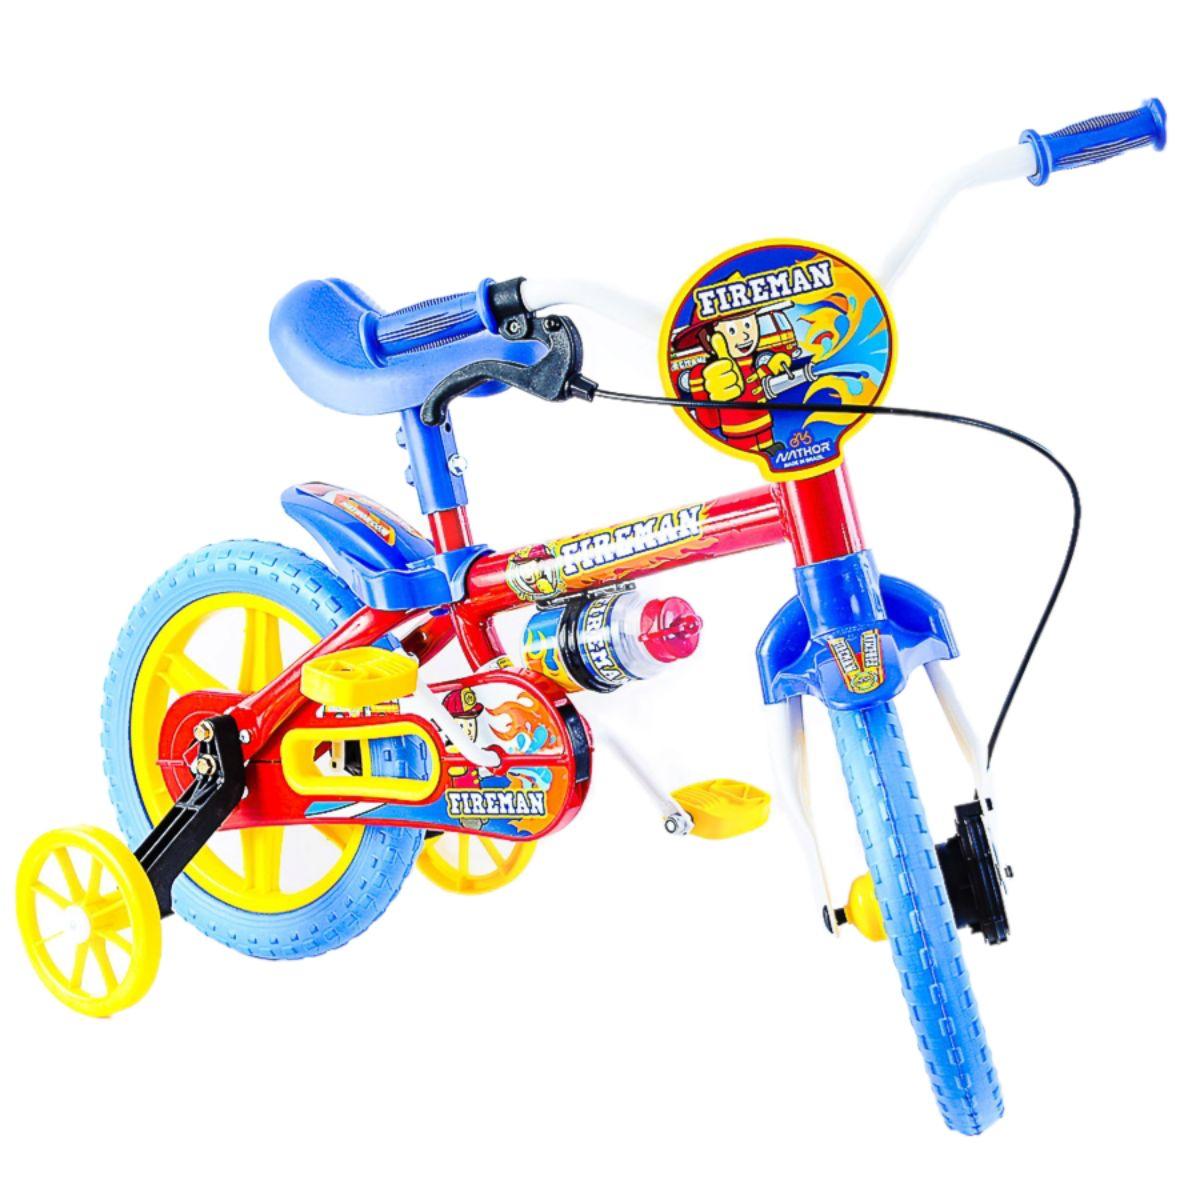 Bicicleta Fireman aro 12 Bombeiro Azul e Vermelho